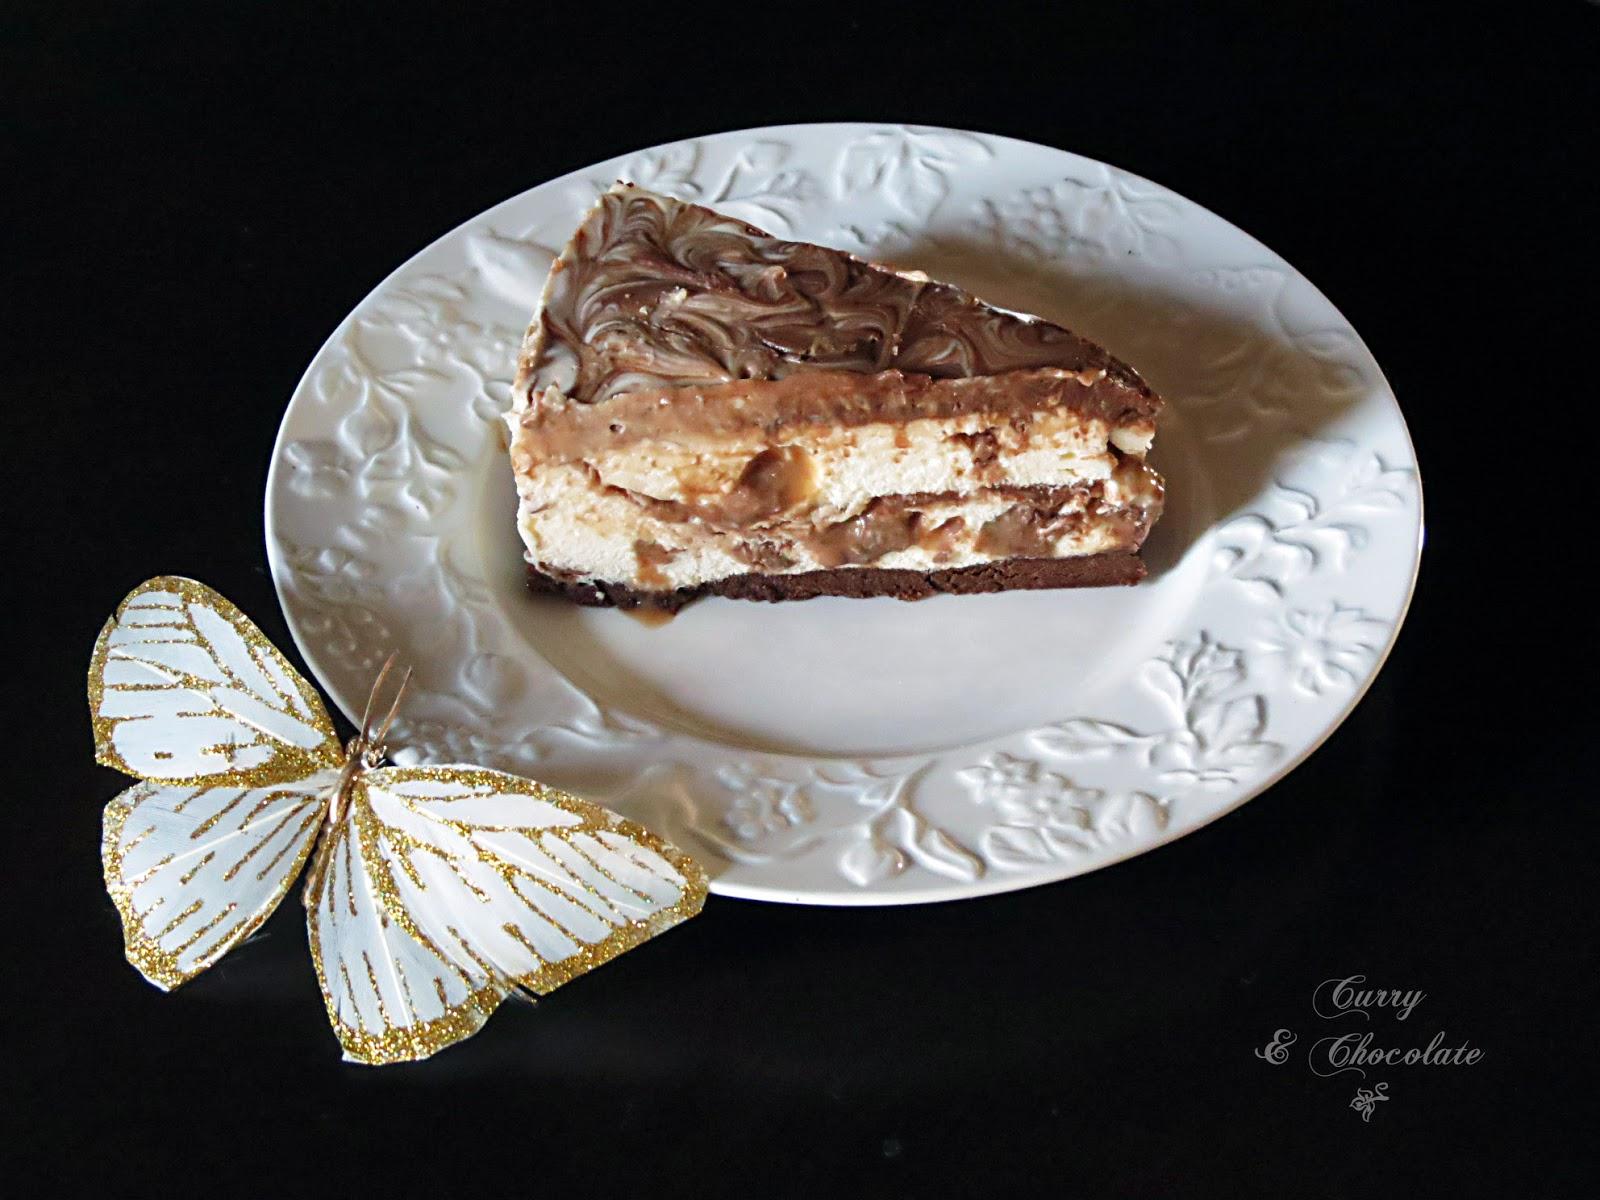 Mars chocolate bars cheesecake